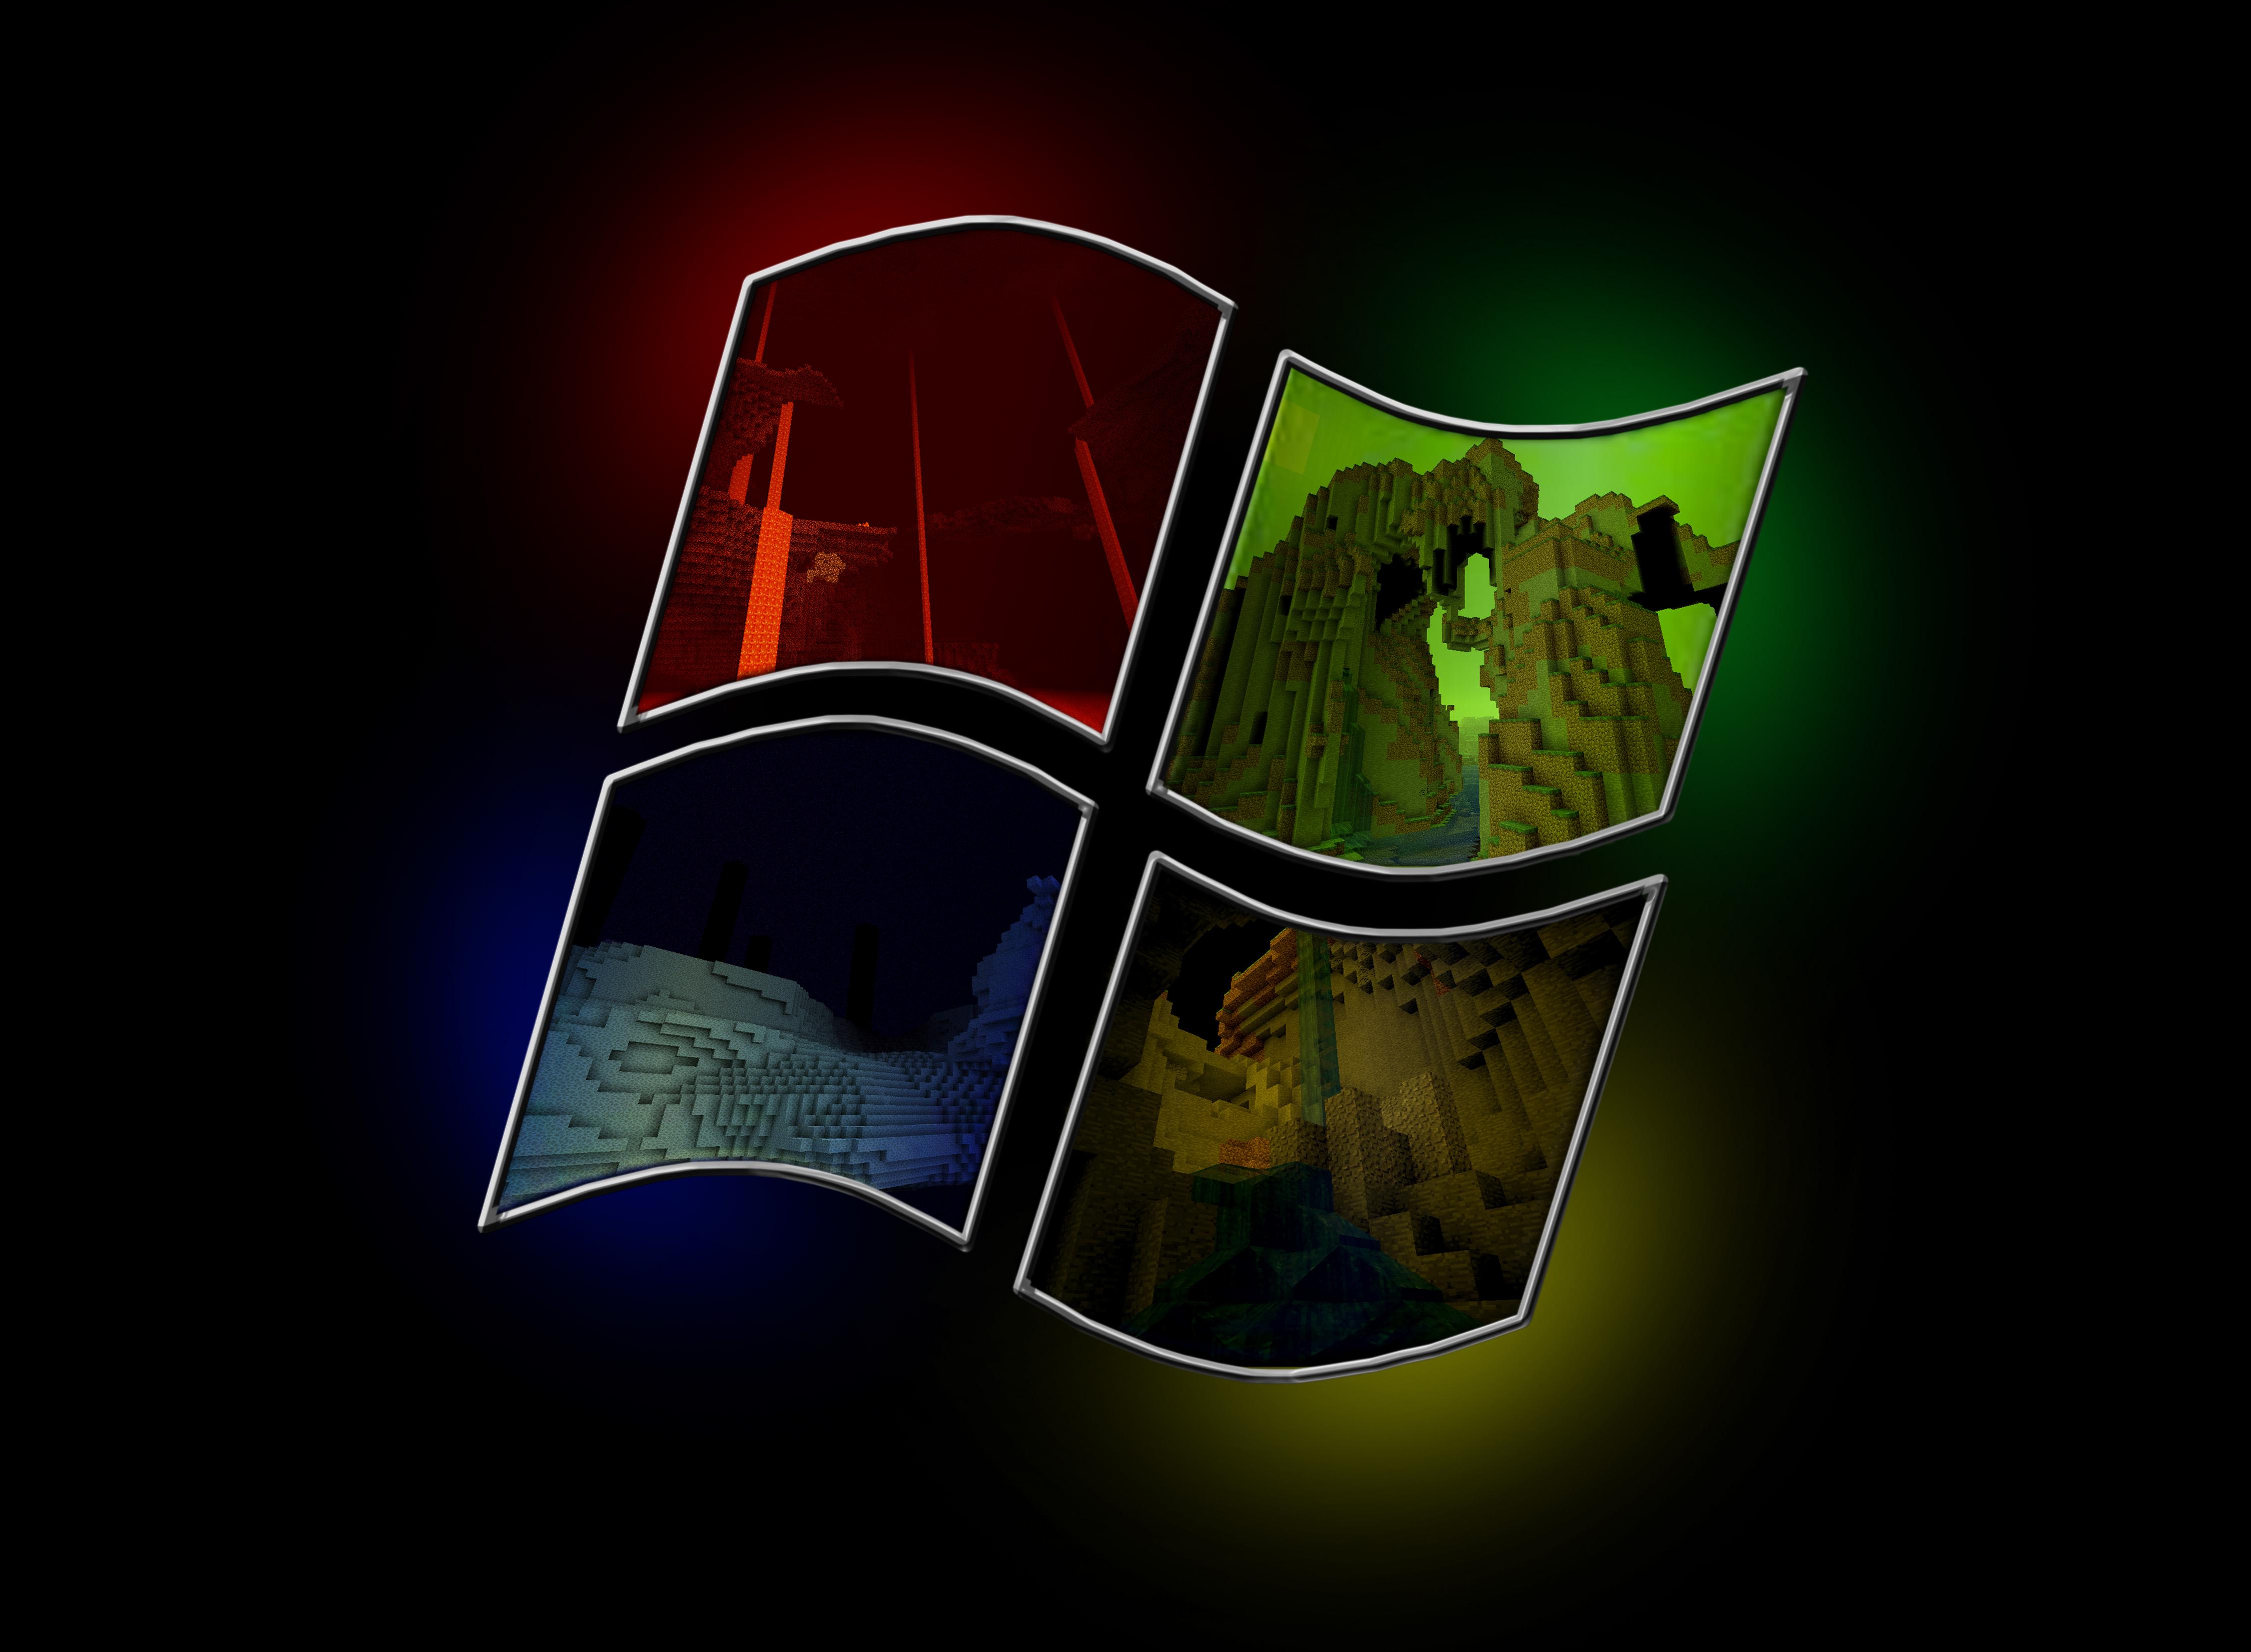 Minecraft Wallpaper Windows 7 Minecraft windows by lulizar 4500x3303